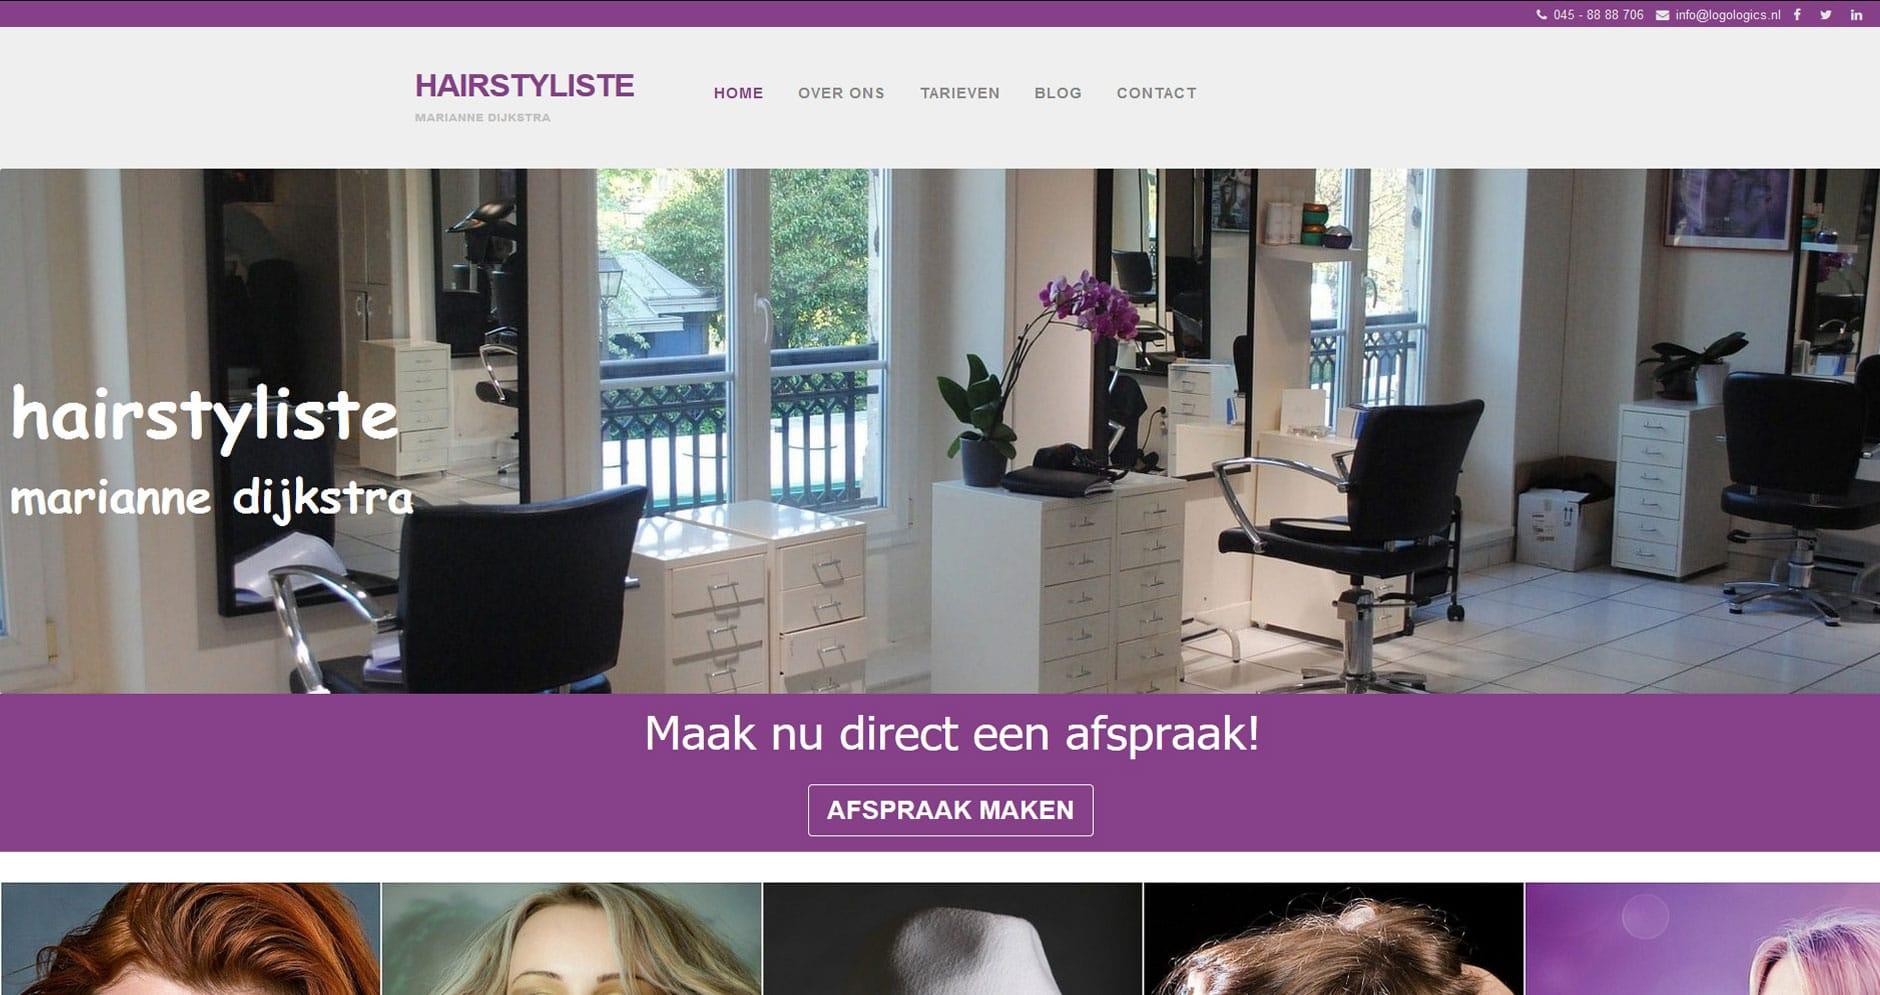 WEBSITE-kapsalon